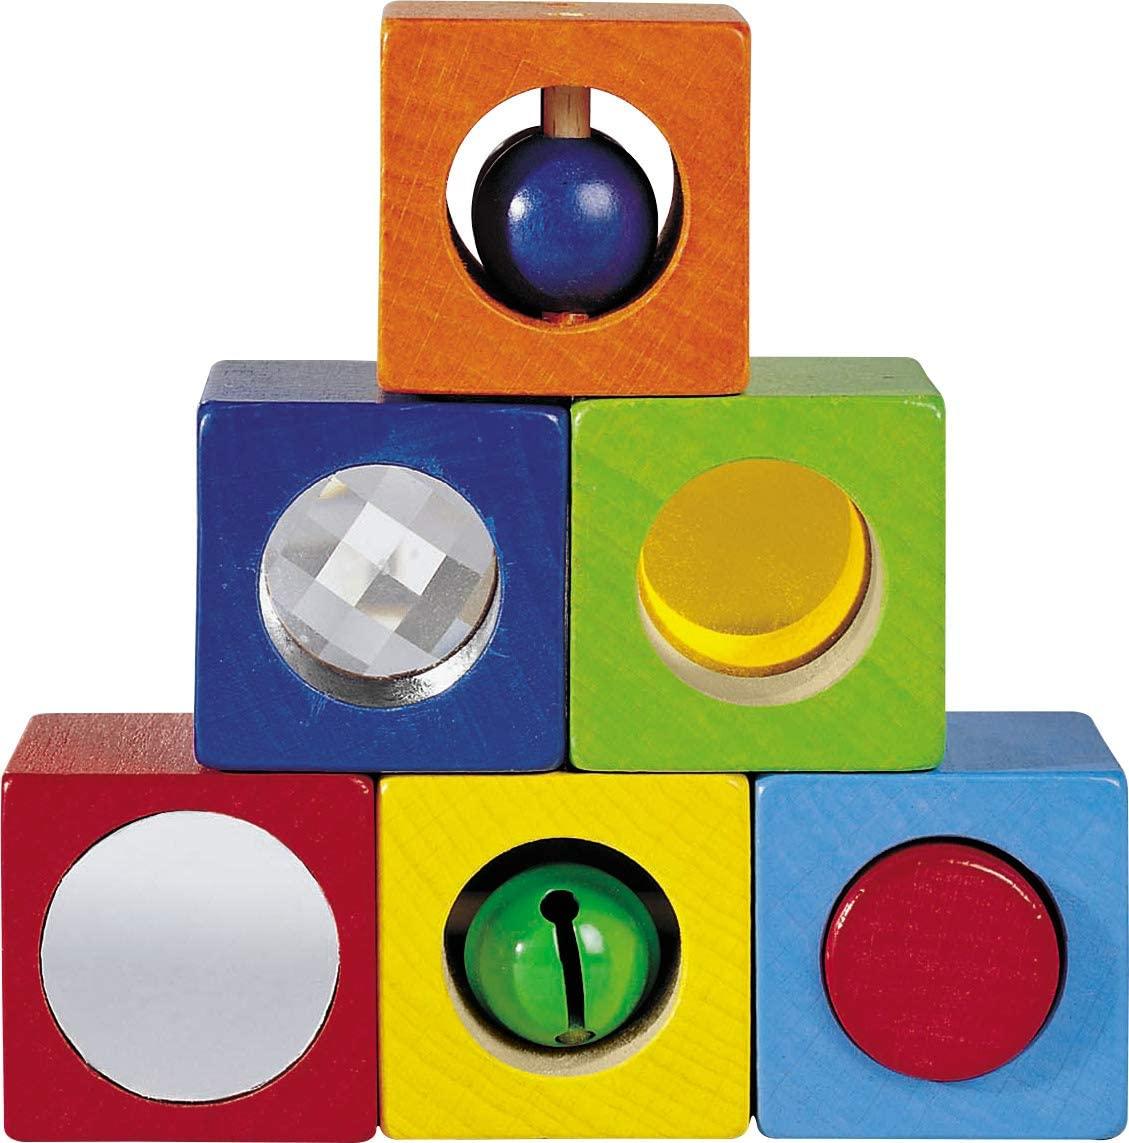 HABA-Discovery-Blocks